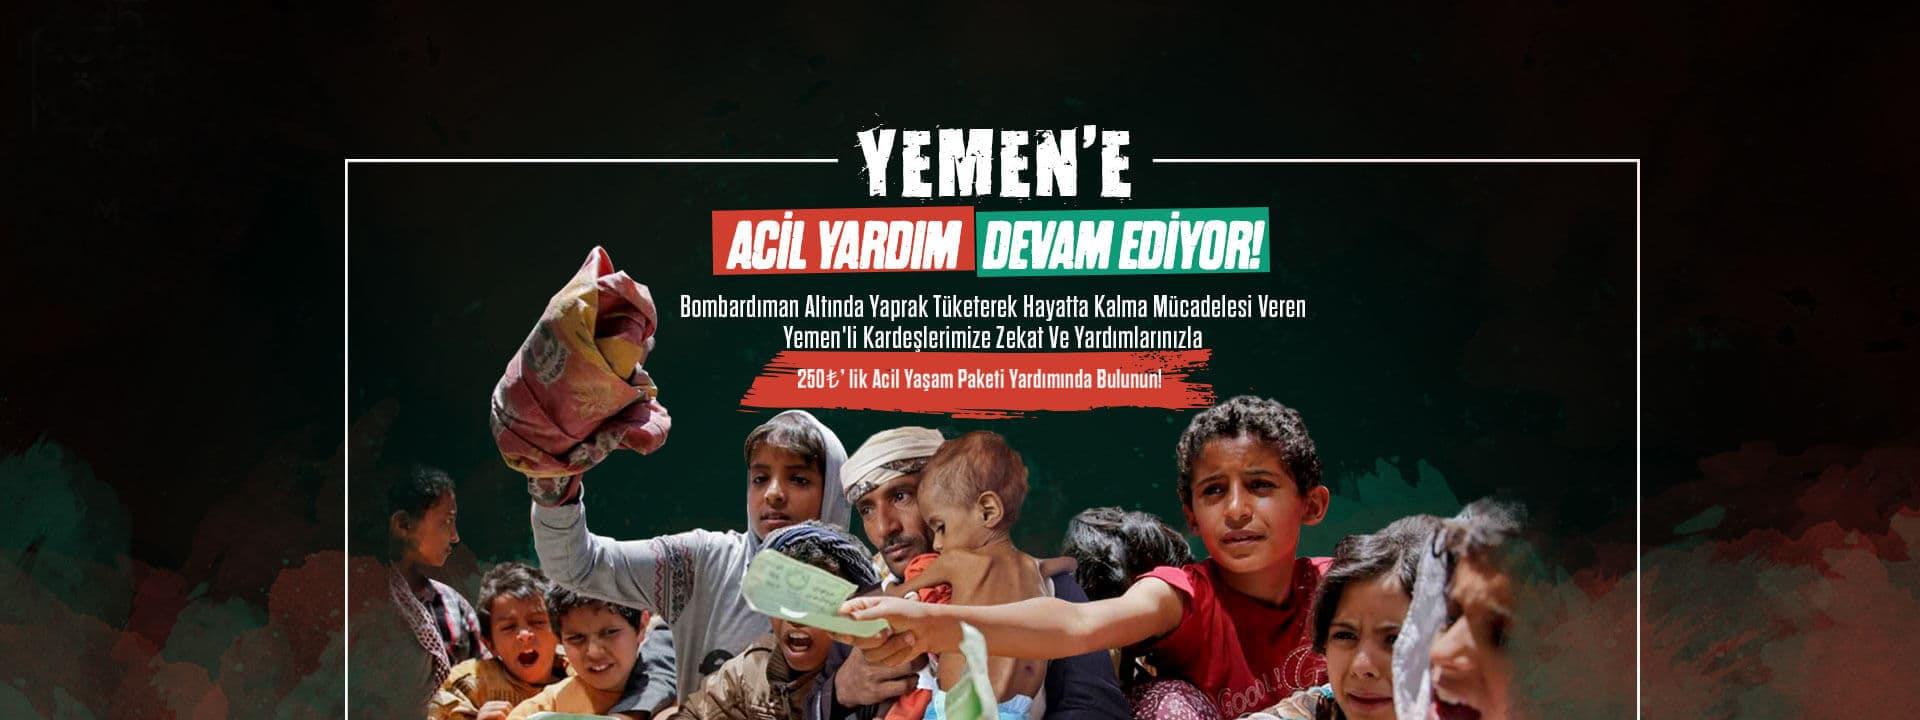 yemen-masaüstü-min.jpg